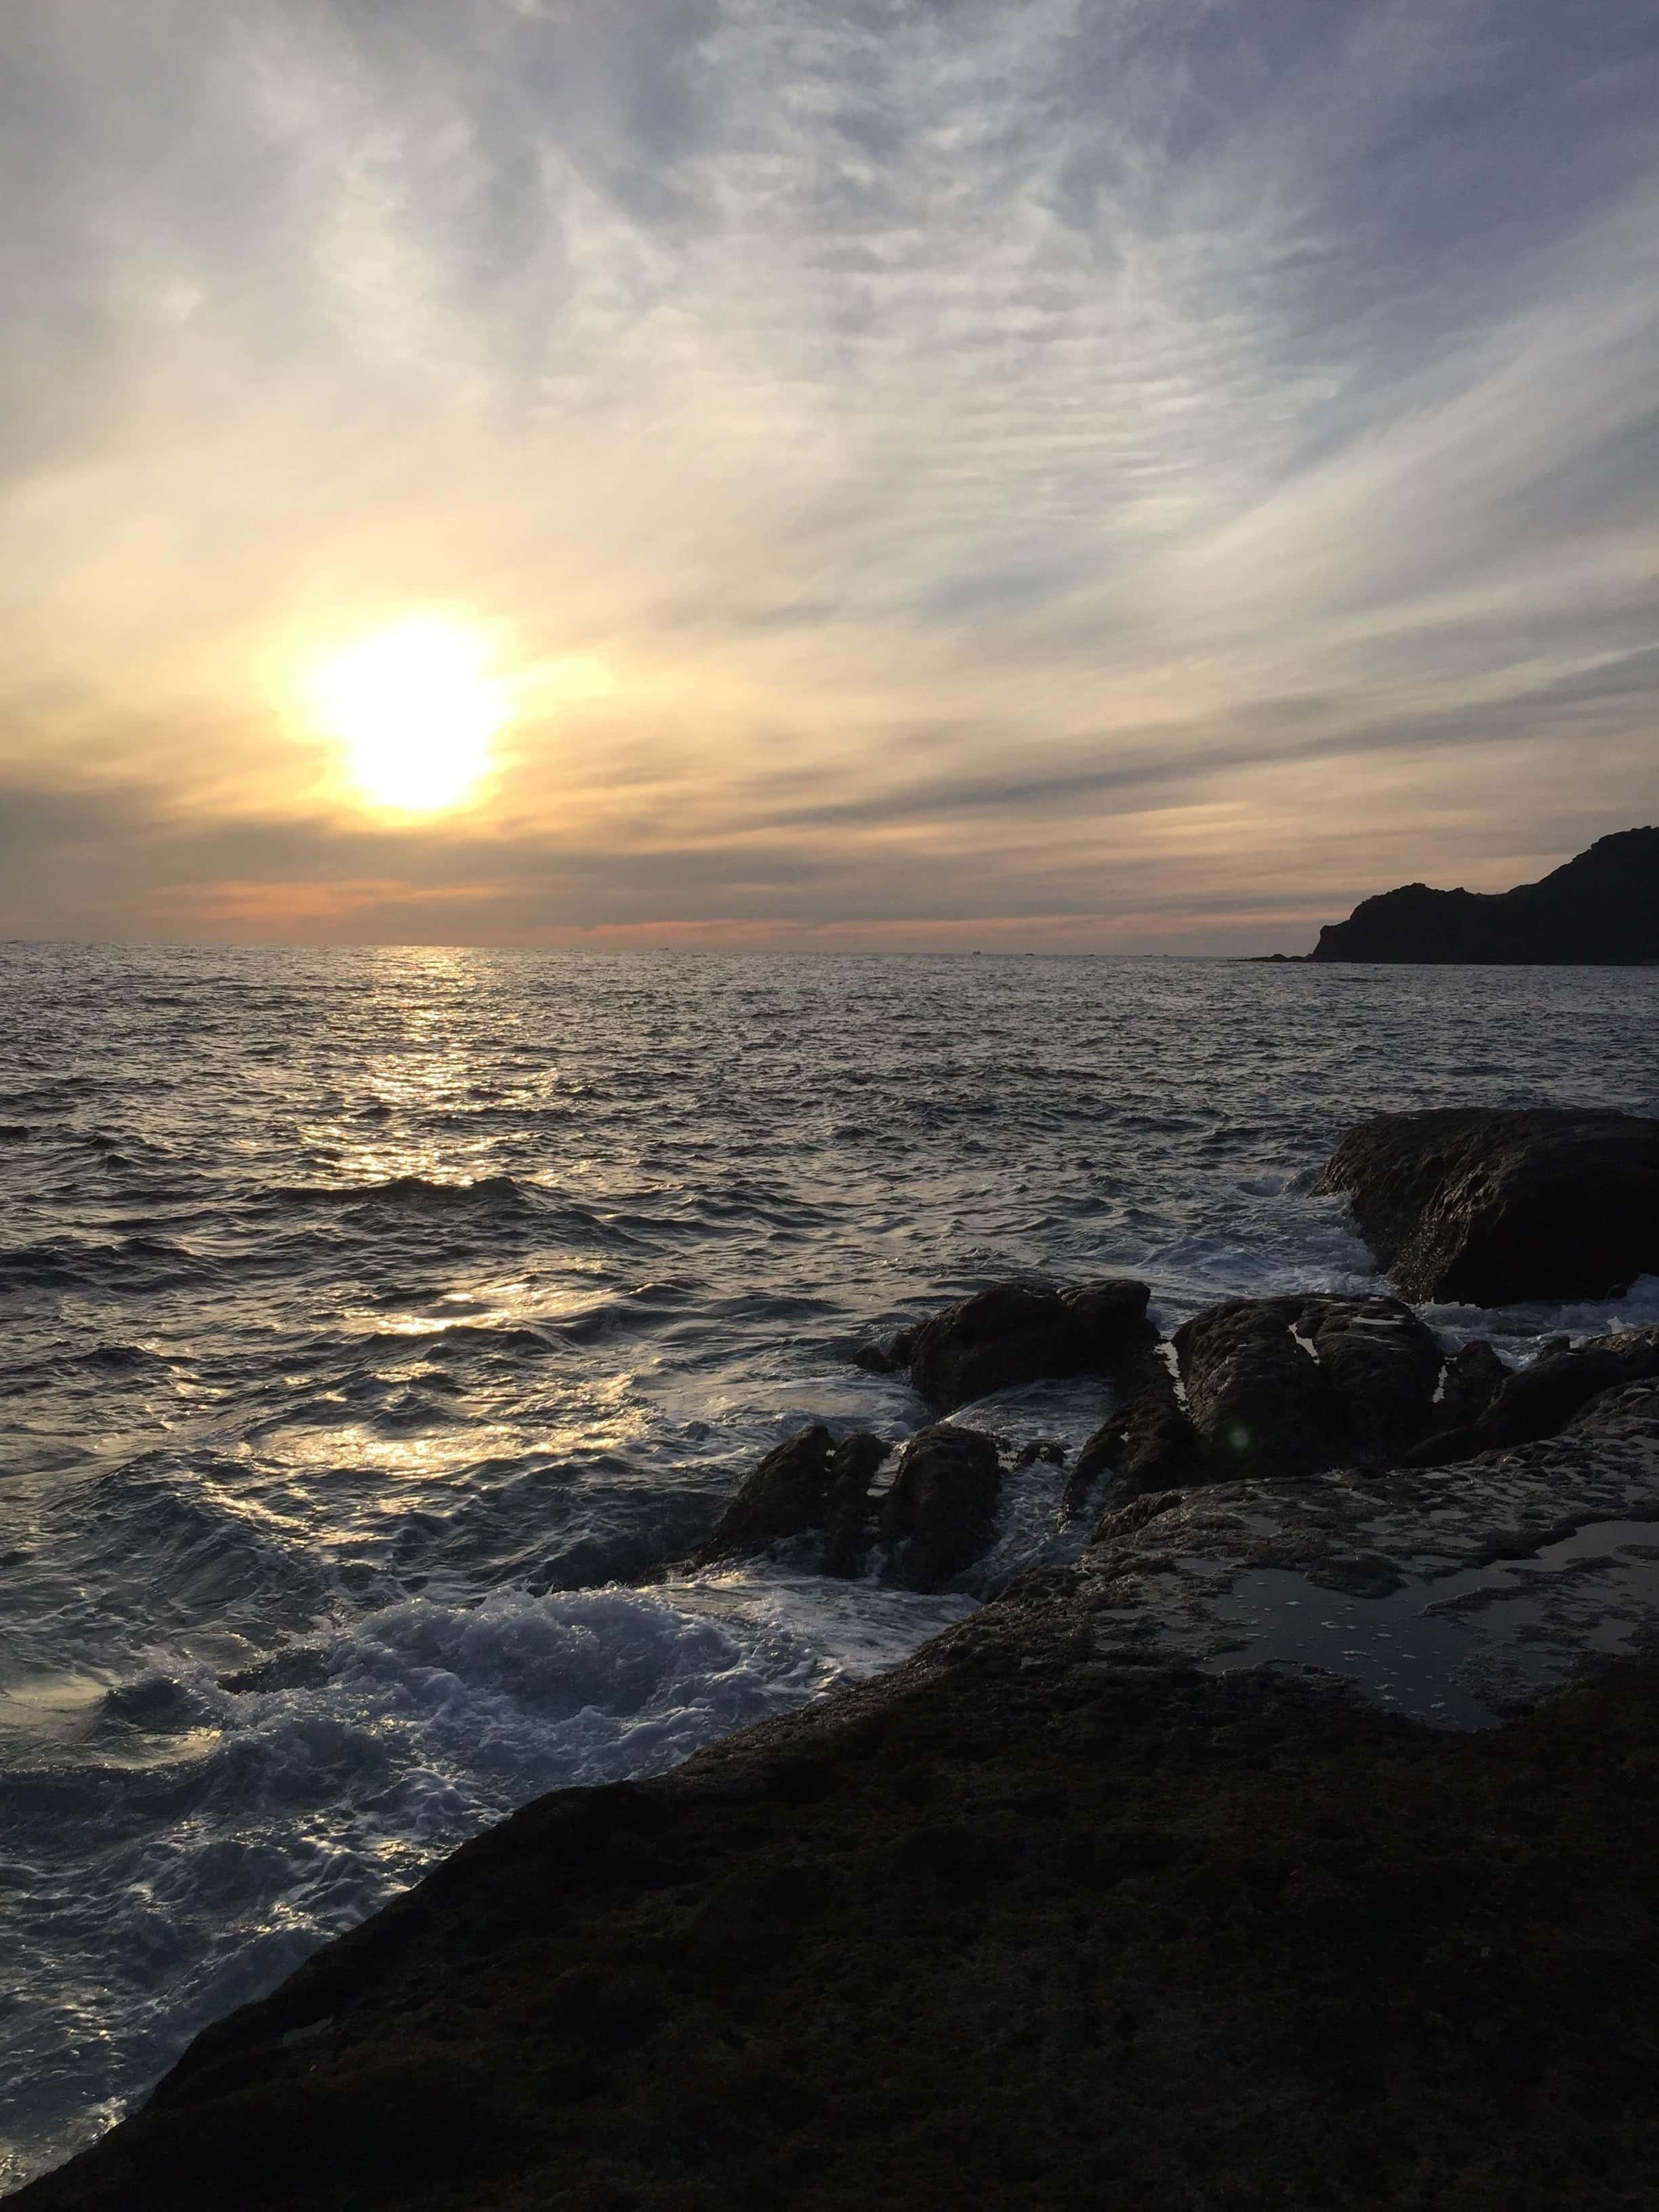 千畳岩の釣り場紹介、和歌山県南紀すさみの黒潮の影響をうけるエギングとショアジギングにオススメの地磯